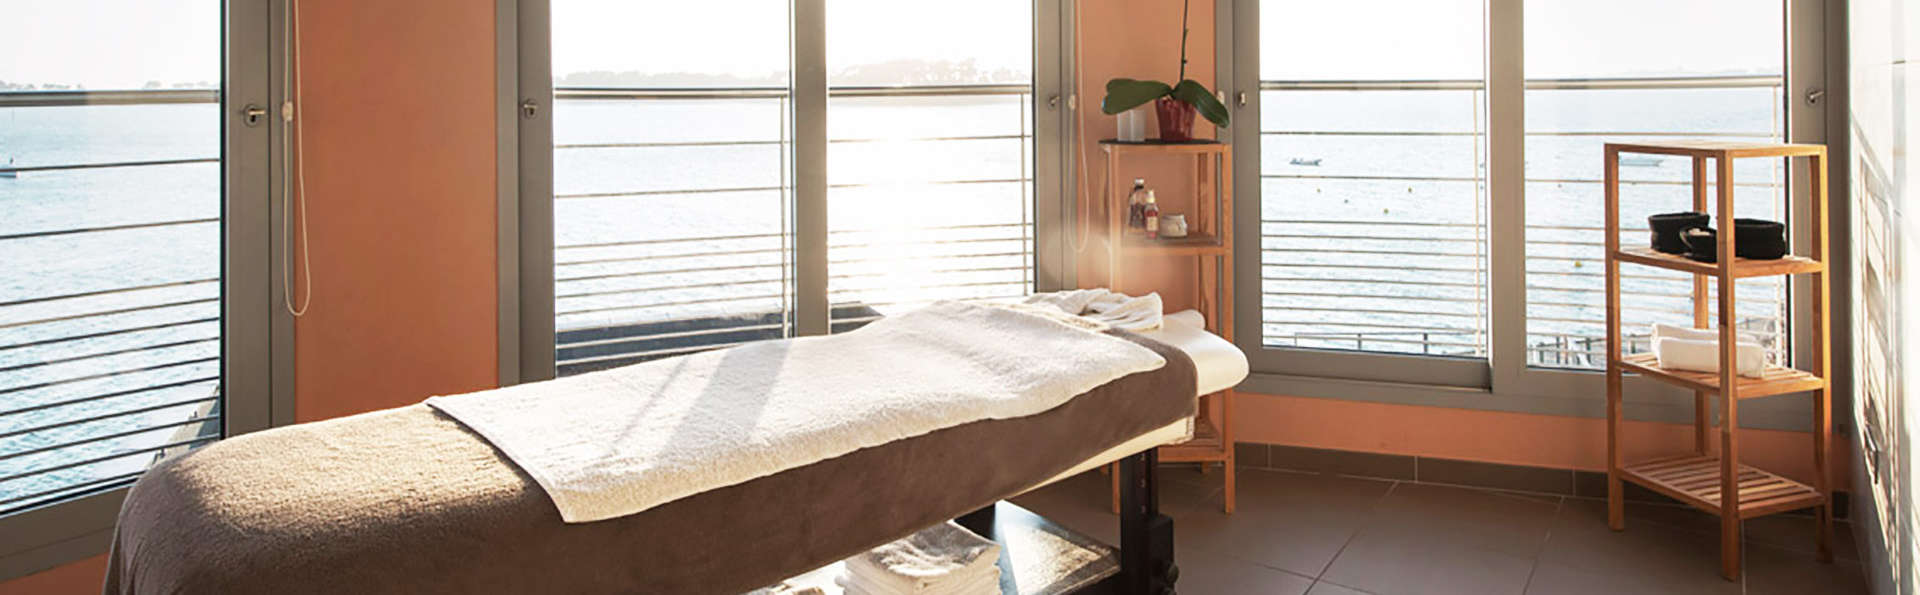 Golden Tulip Roscoff Hôtel & Spa - EDIT_massageroom.jpg